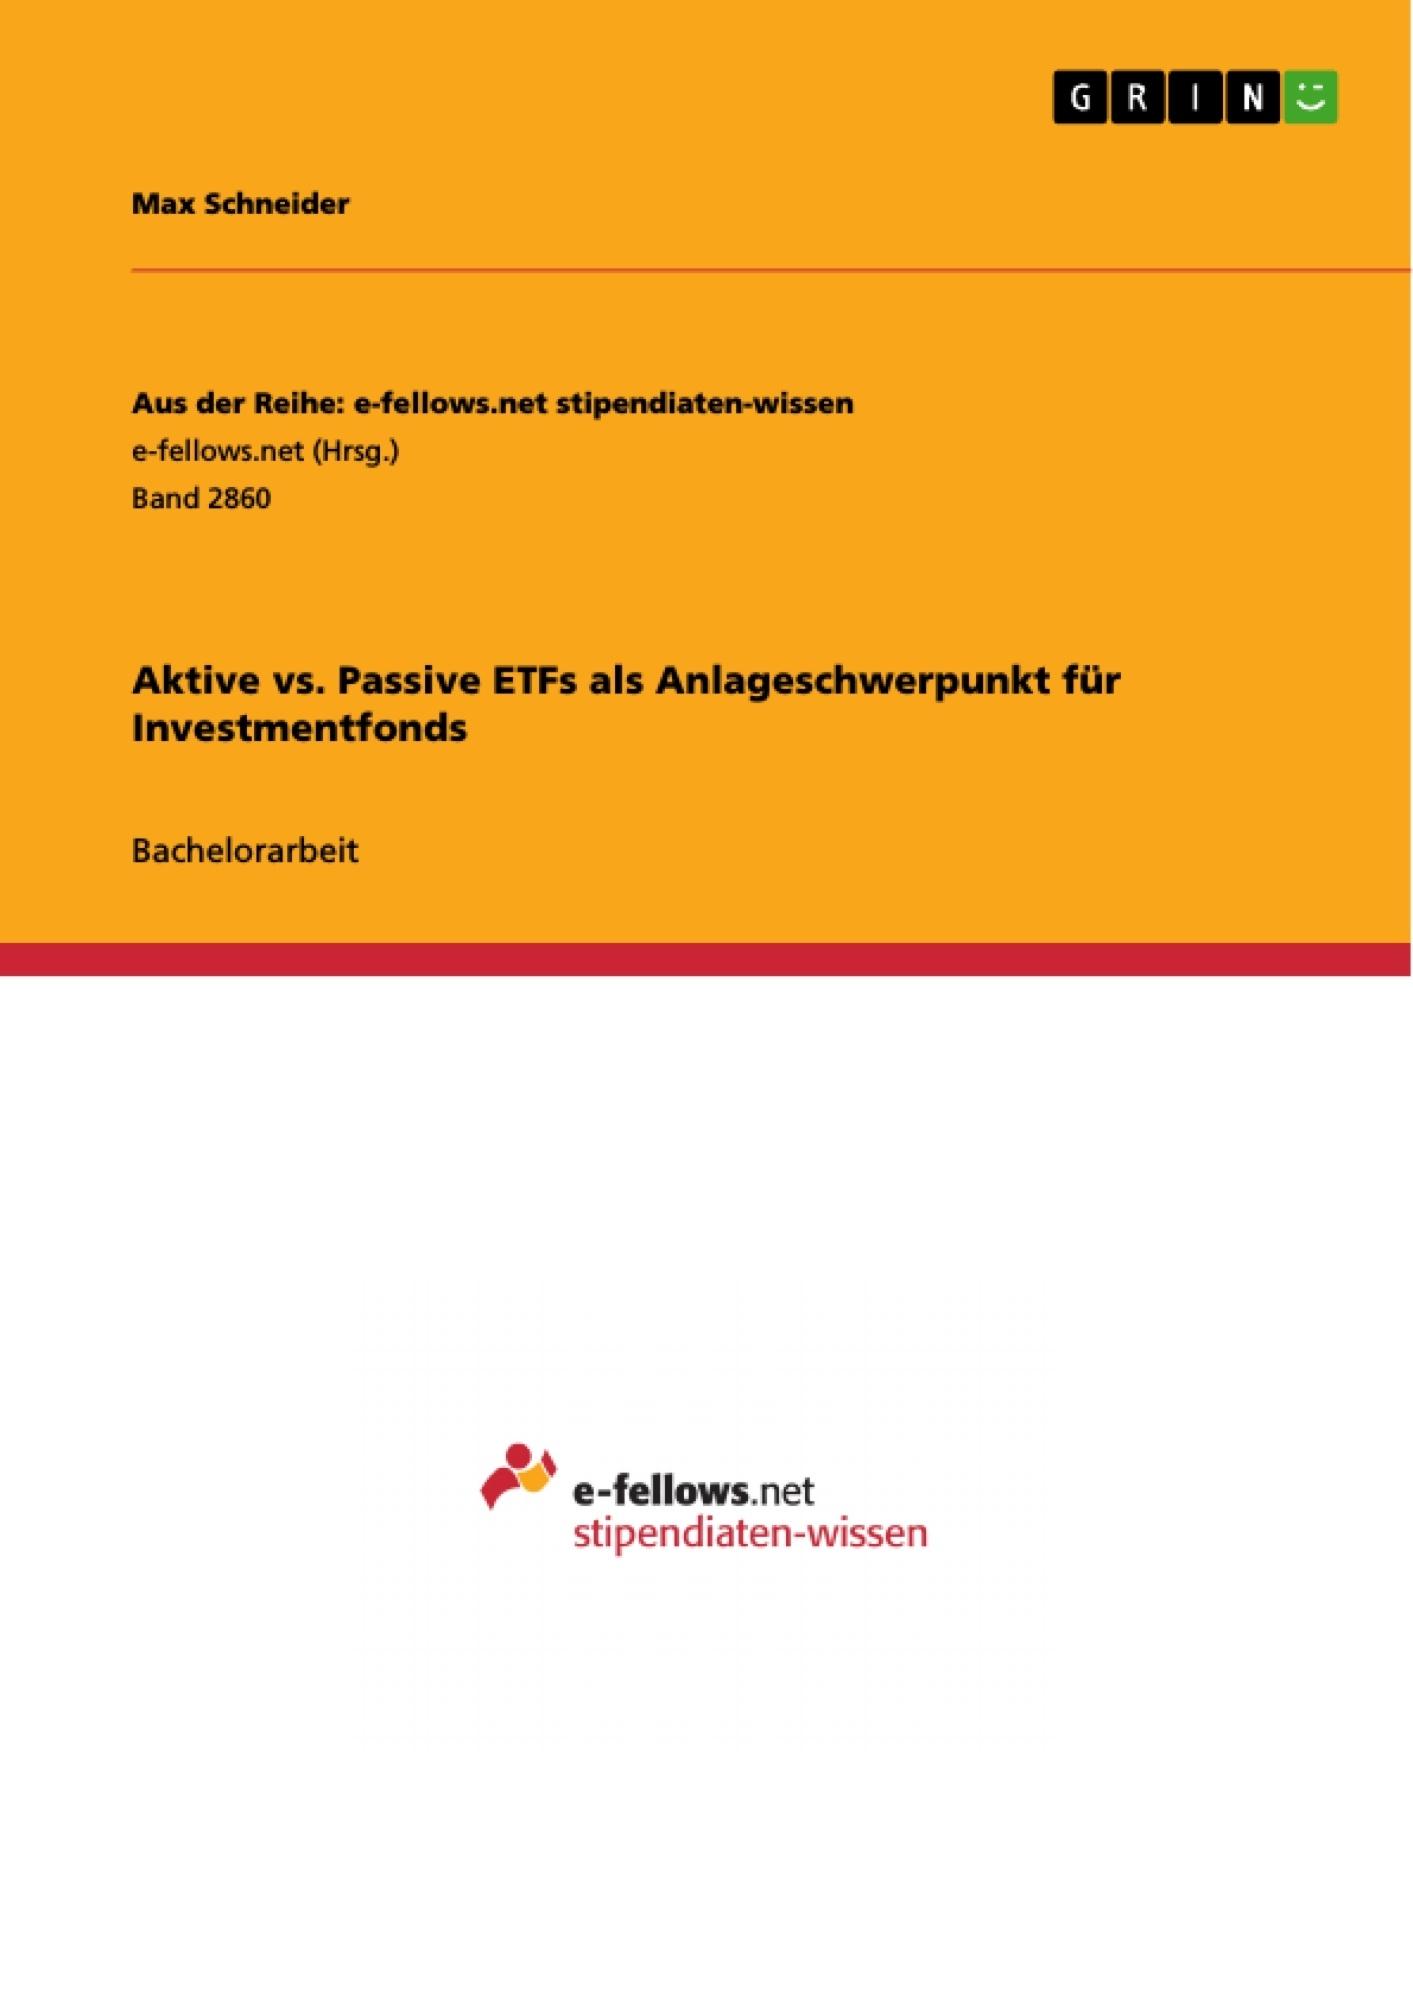 Titel: Aktive vs. Passive ETFs als Anlageschwerpunkt für Investmentfonds